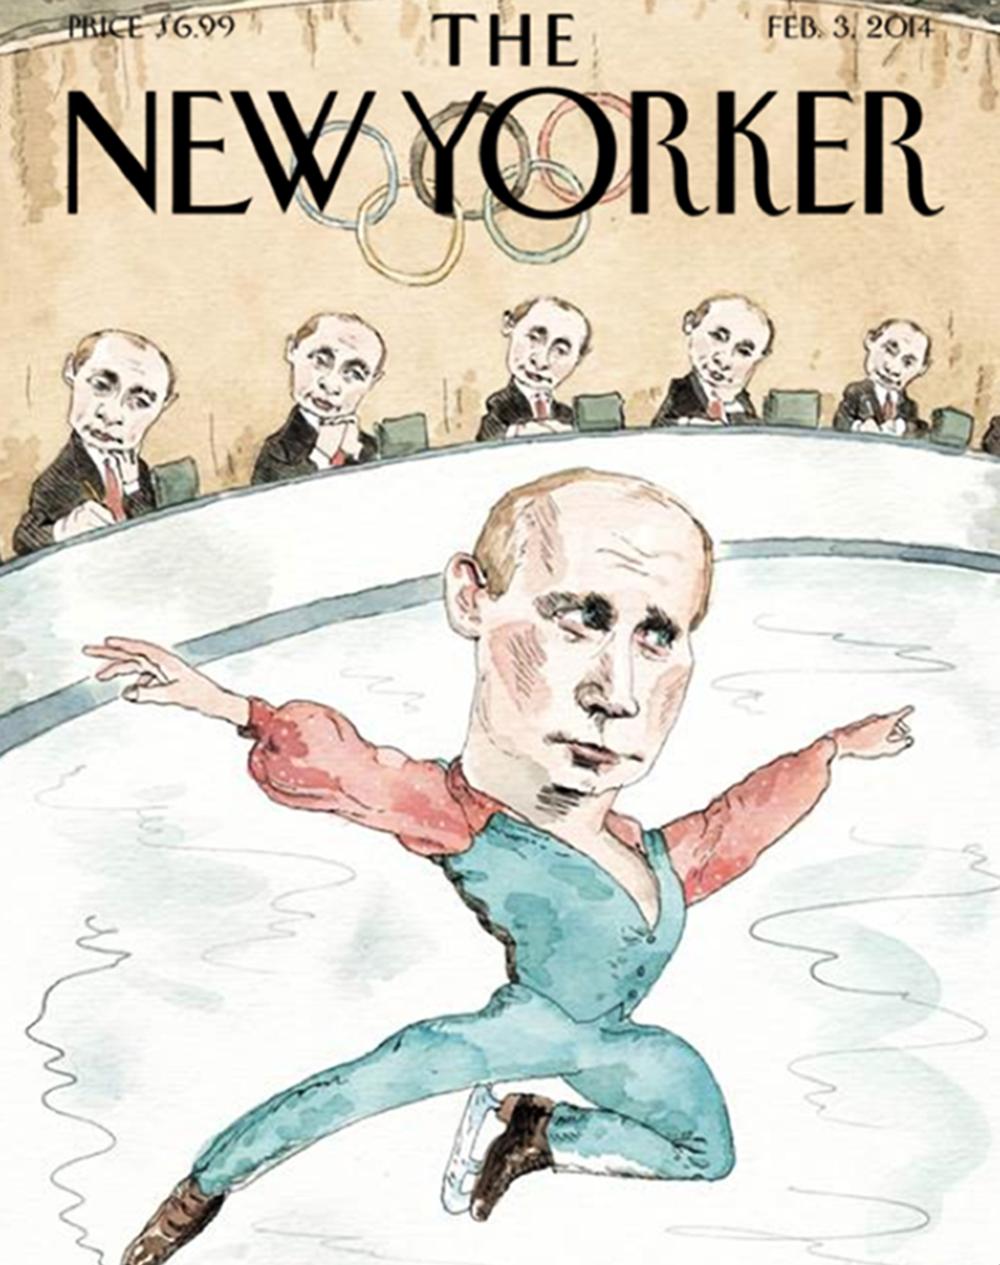 La portada de The New Yorker del 3 de febrero de 2014